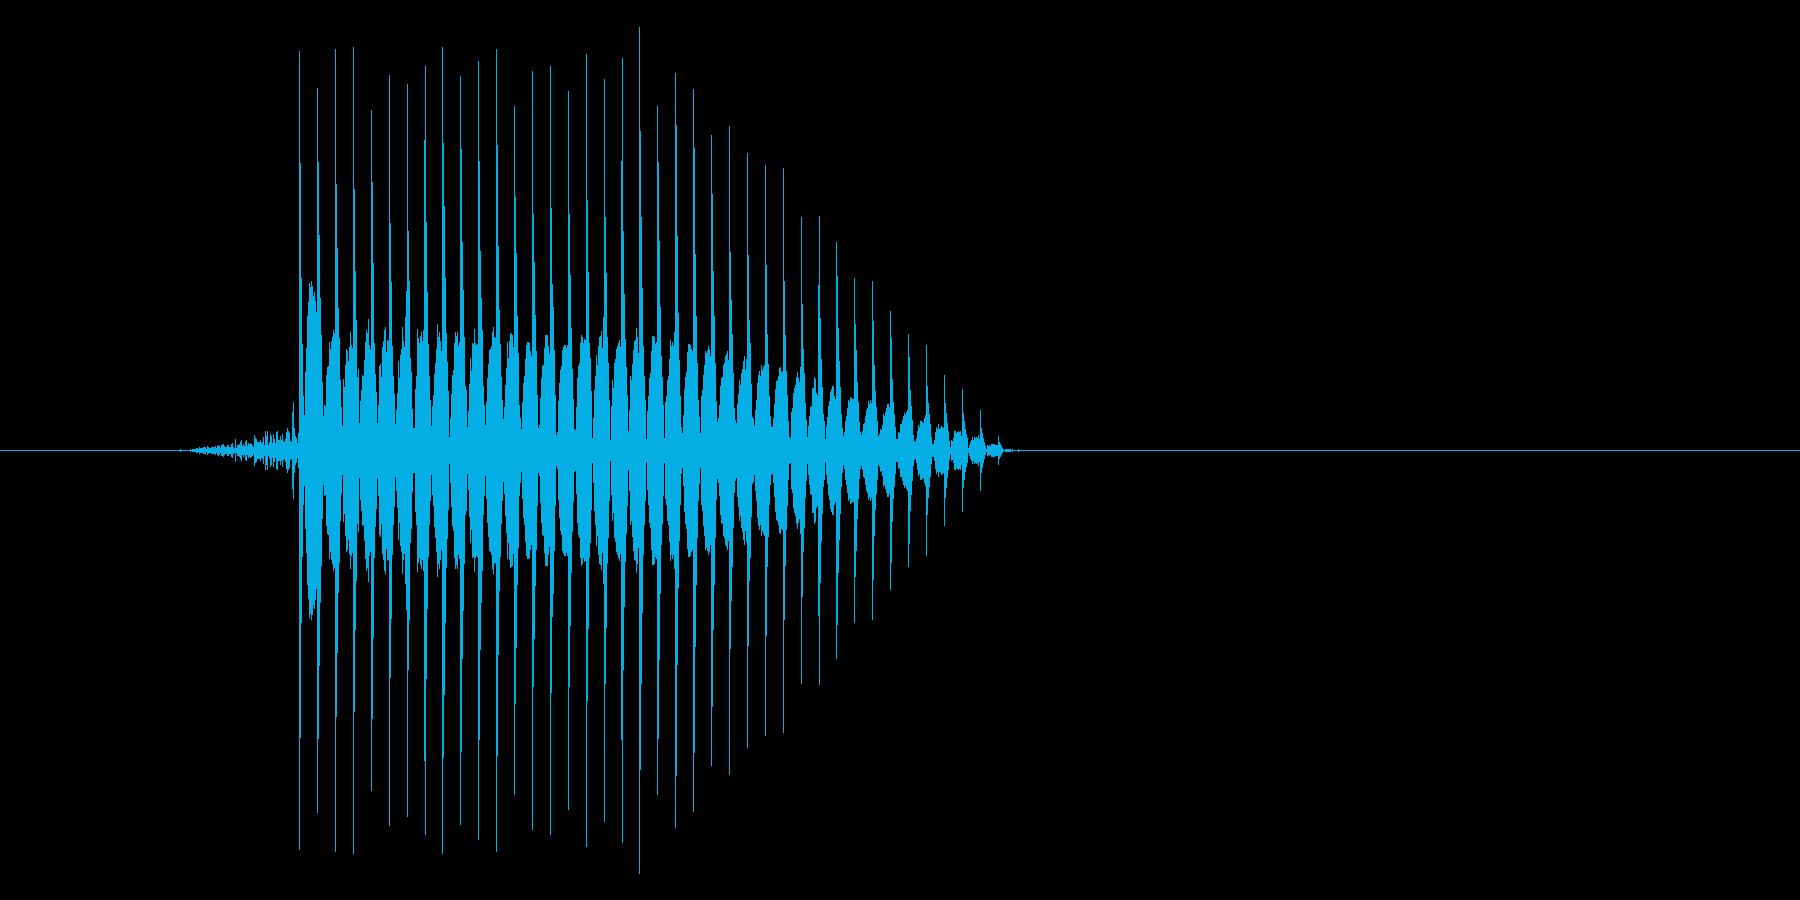 ゲーム(ファミコン風)セレクト音_046の再生済みの波形